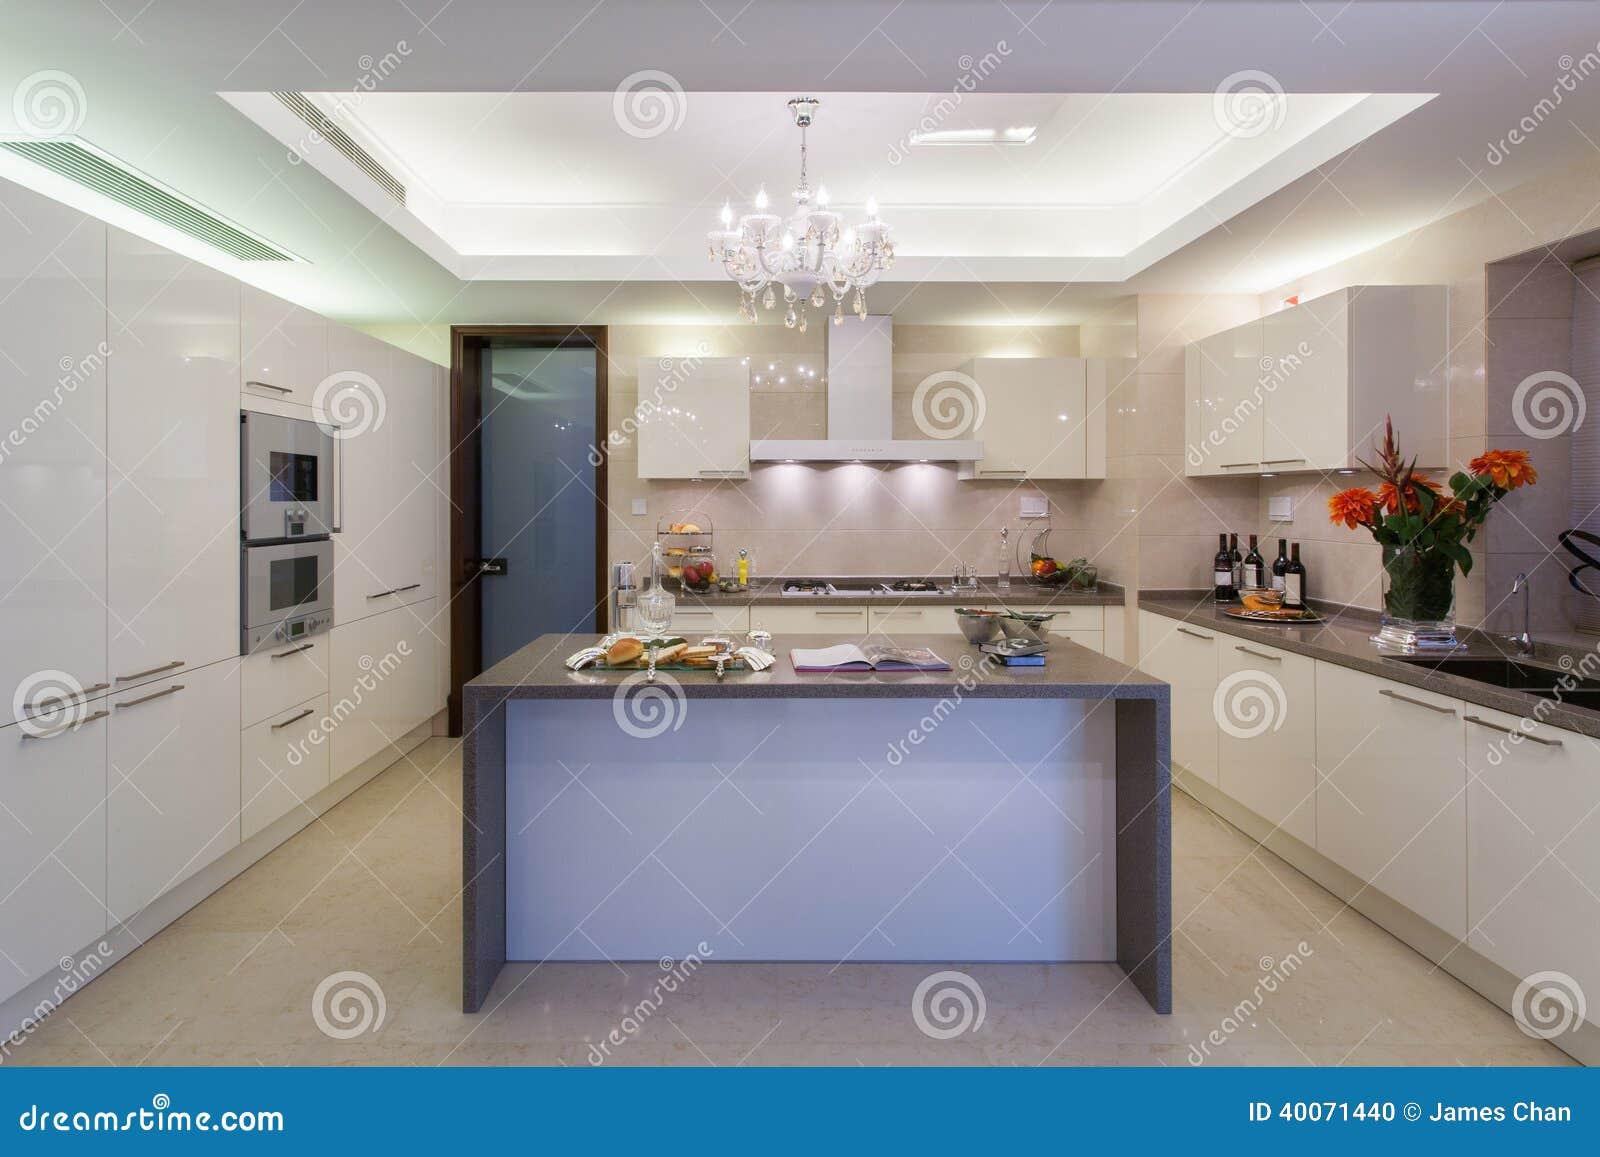 Nettoyez la cuisine moderne blanche photo stock image 40071440 for Comcuisine plus la valette